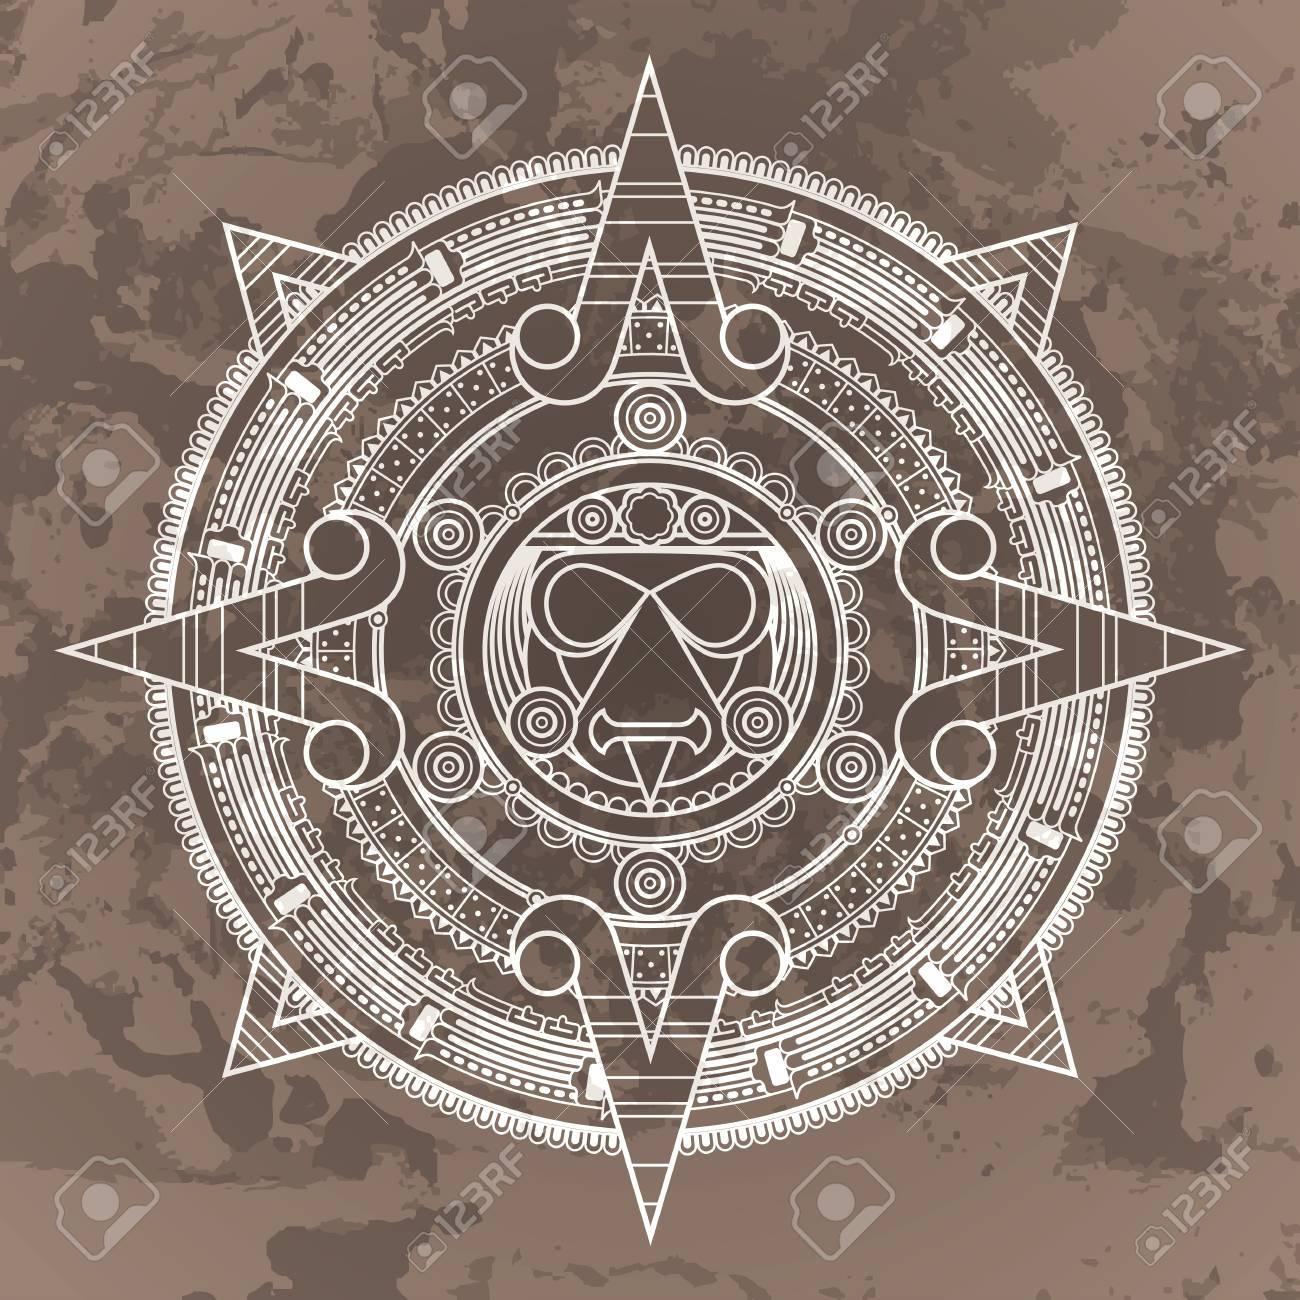 Calendario Azteca Vectores.Vector Patron Circular En El Estilo De La Piedra Del Calendario Azteca Sobre Un Fondo Grunged